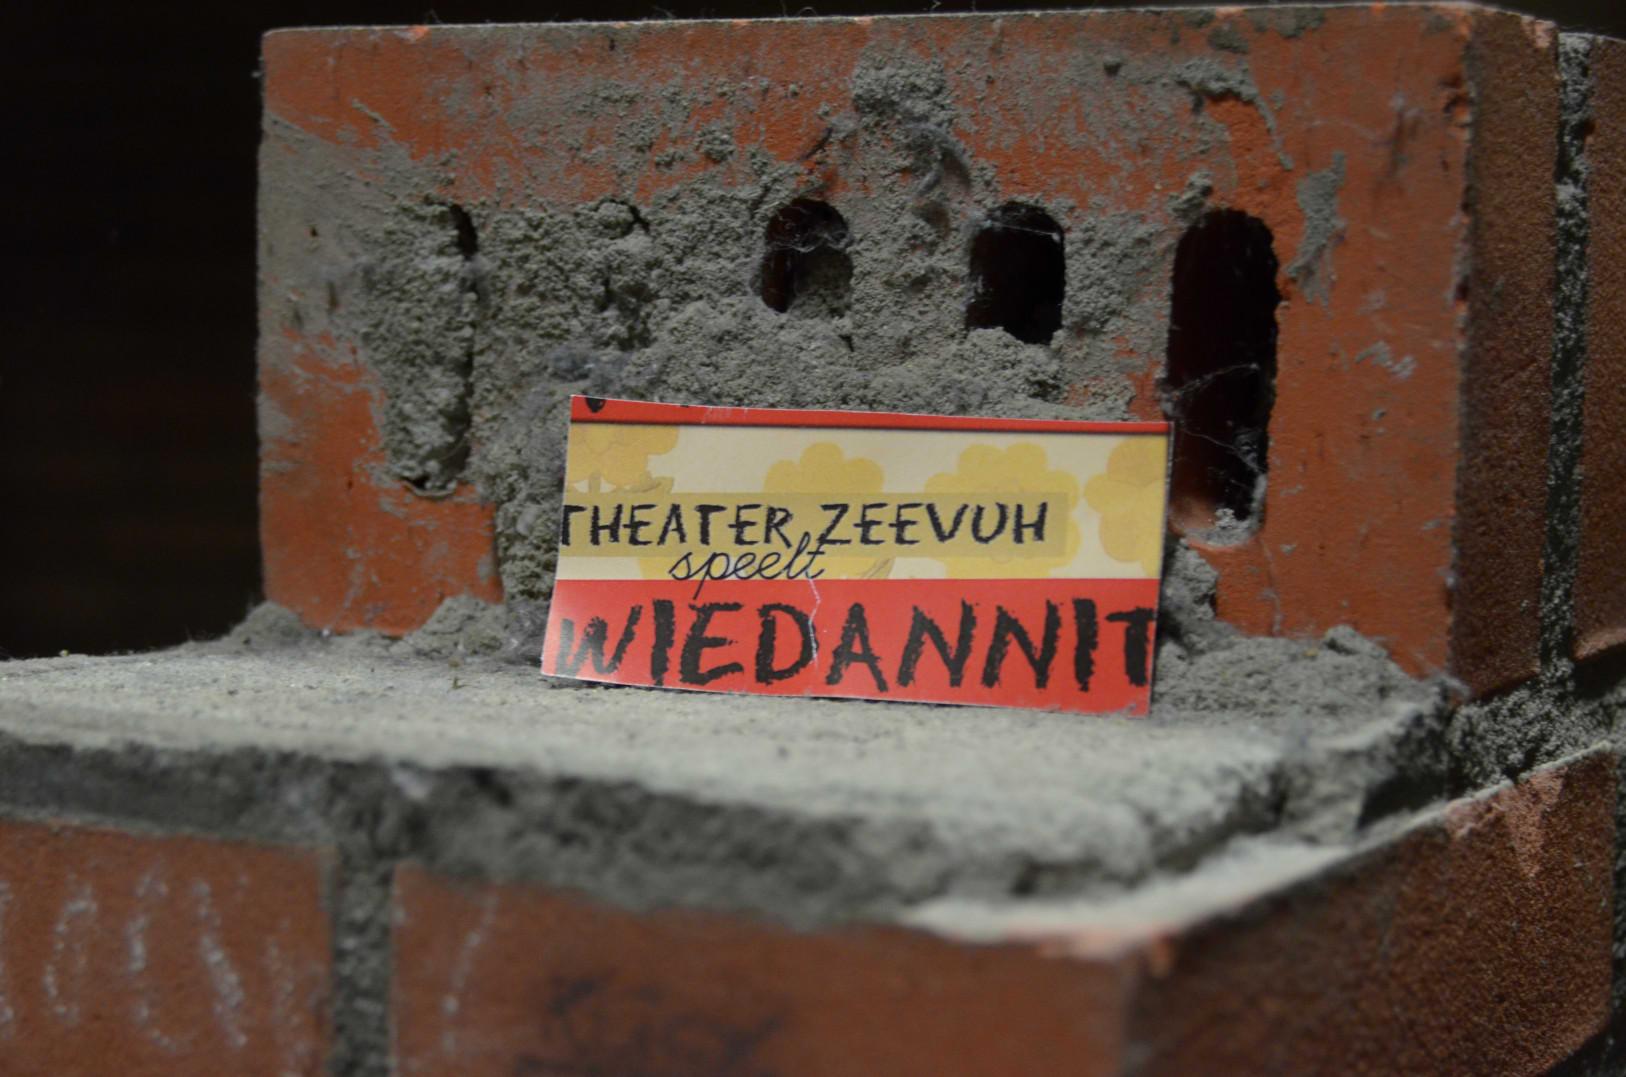 zeevuh_wiedannit_voorstelling-2012-06-1521-49-24